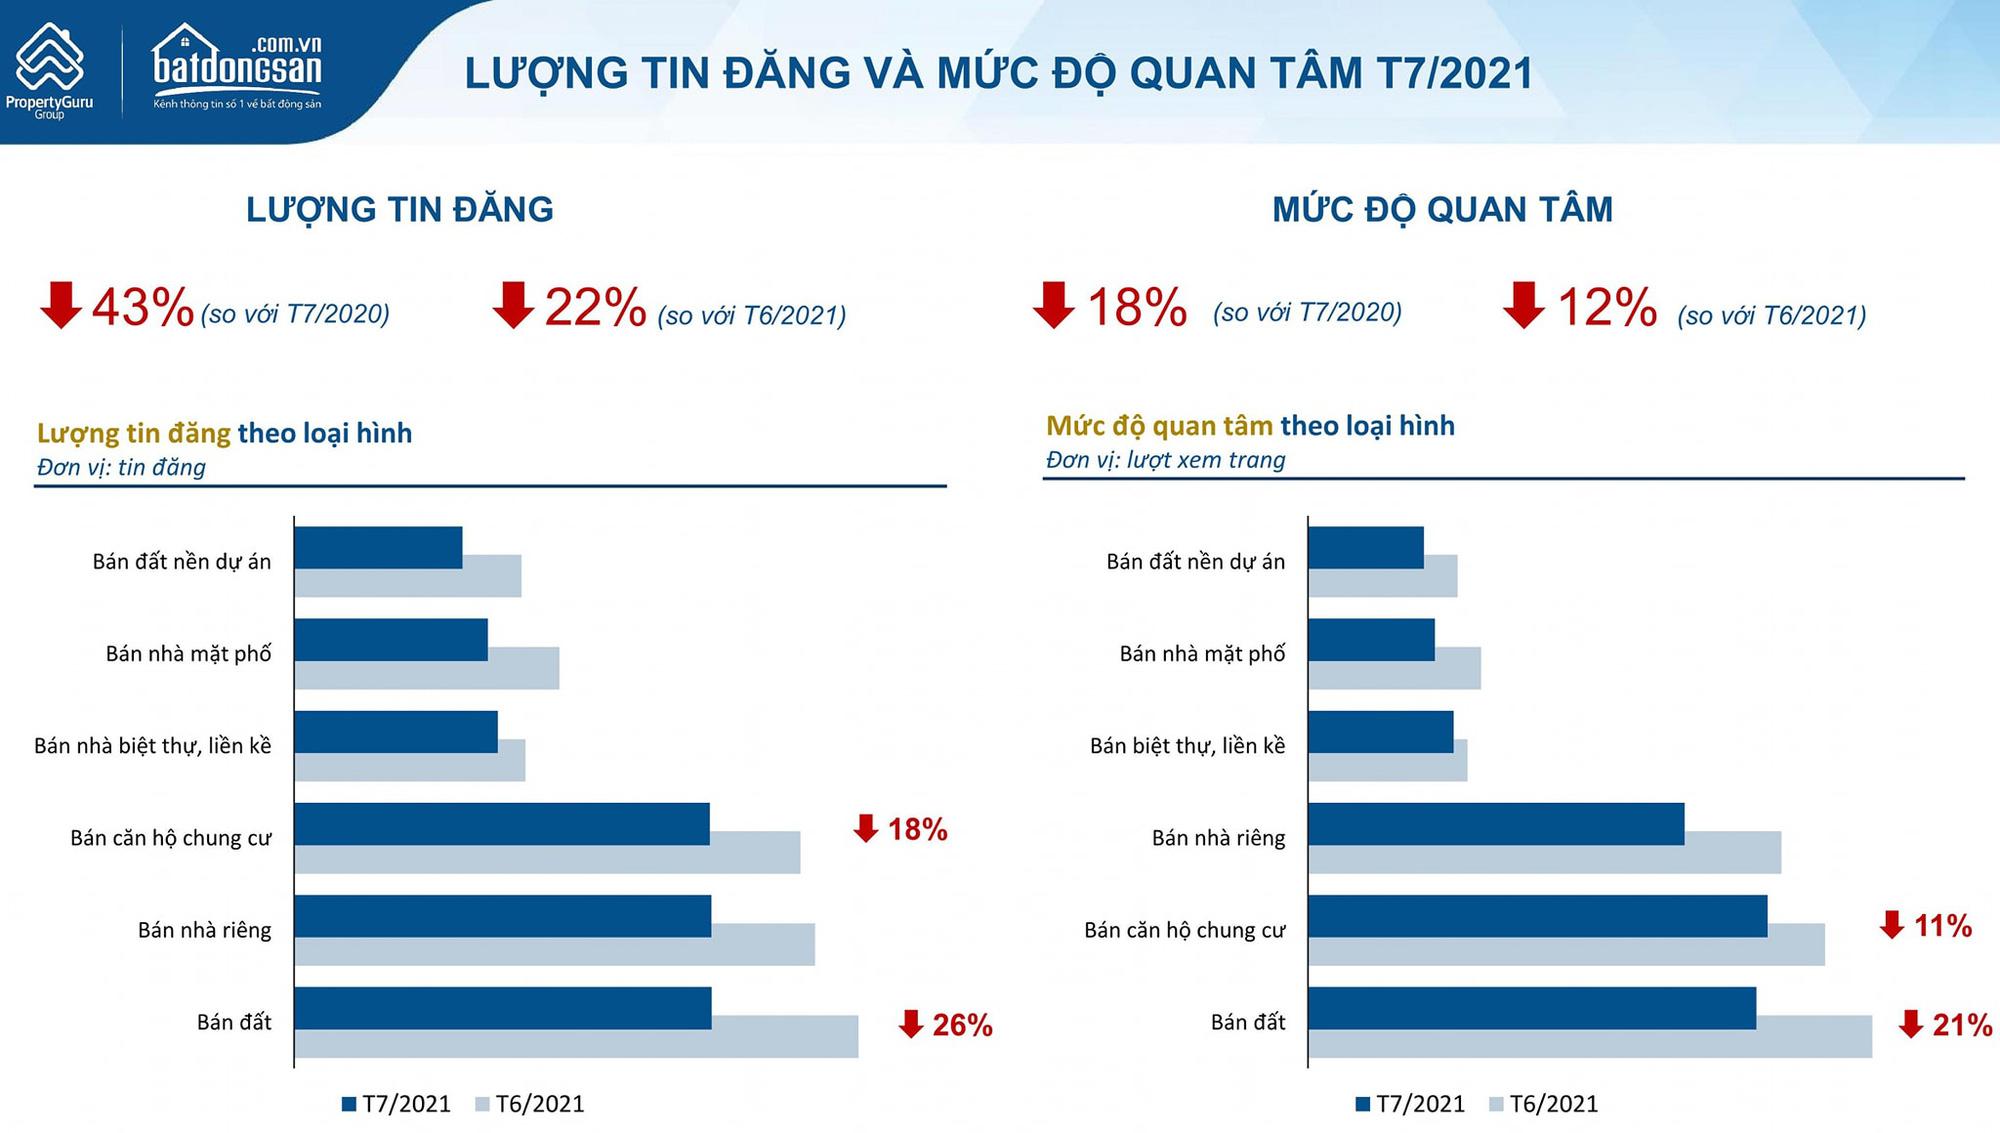 Covid-19 tác động tiêu cực lên thị trường, giá chung cư tại Hà Nội và TP HCM vẫn đi lên - Ảnh 1.